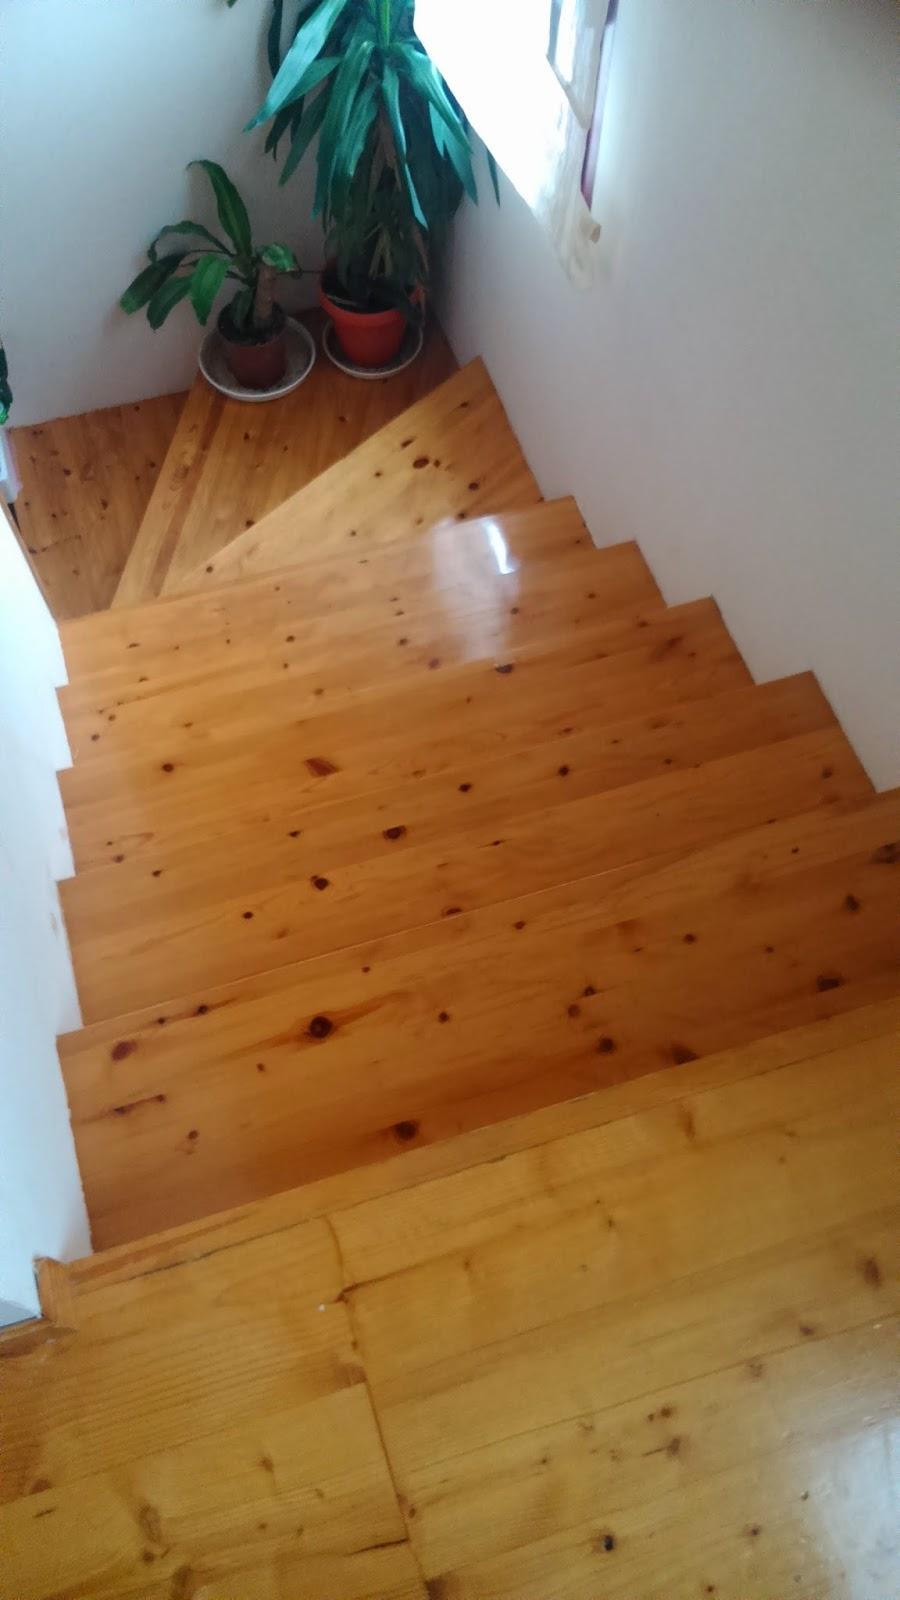 Caida por escaleras